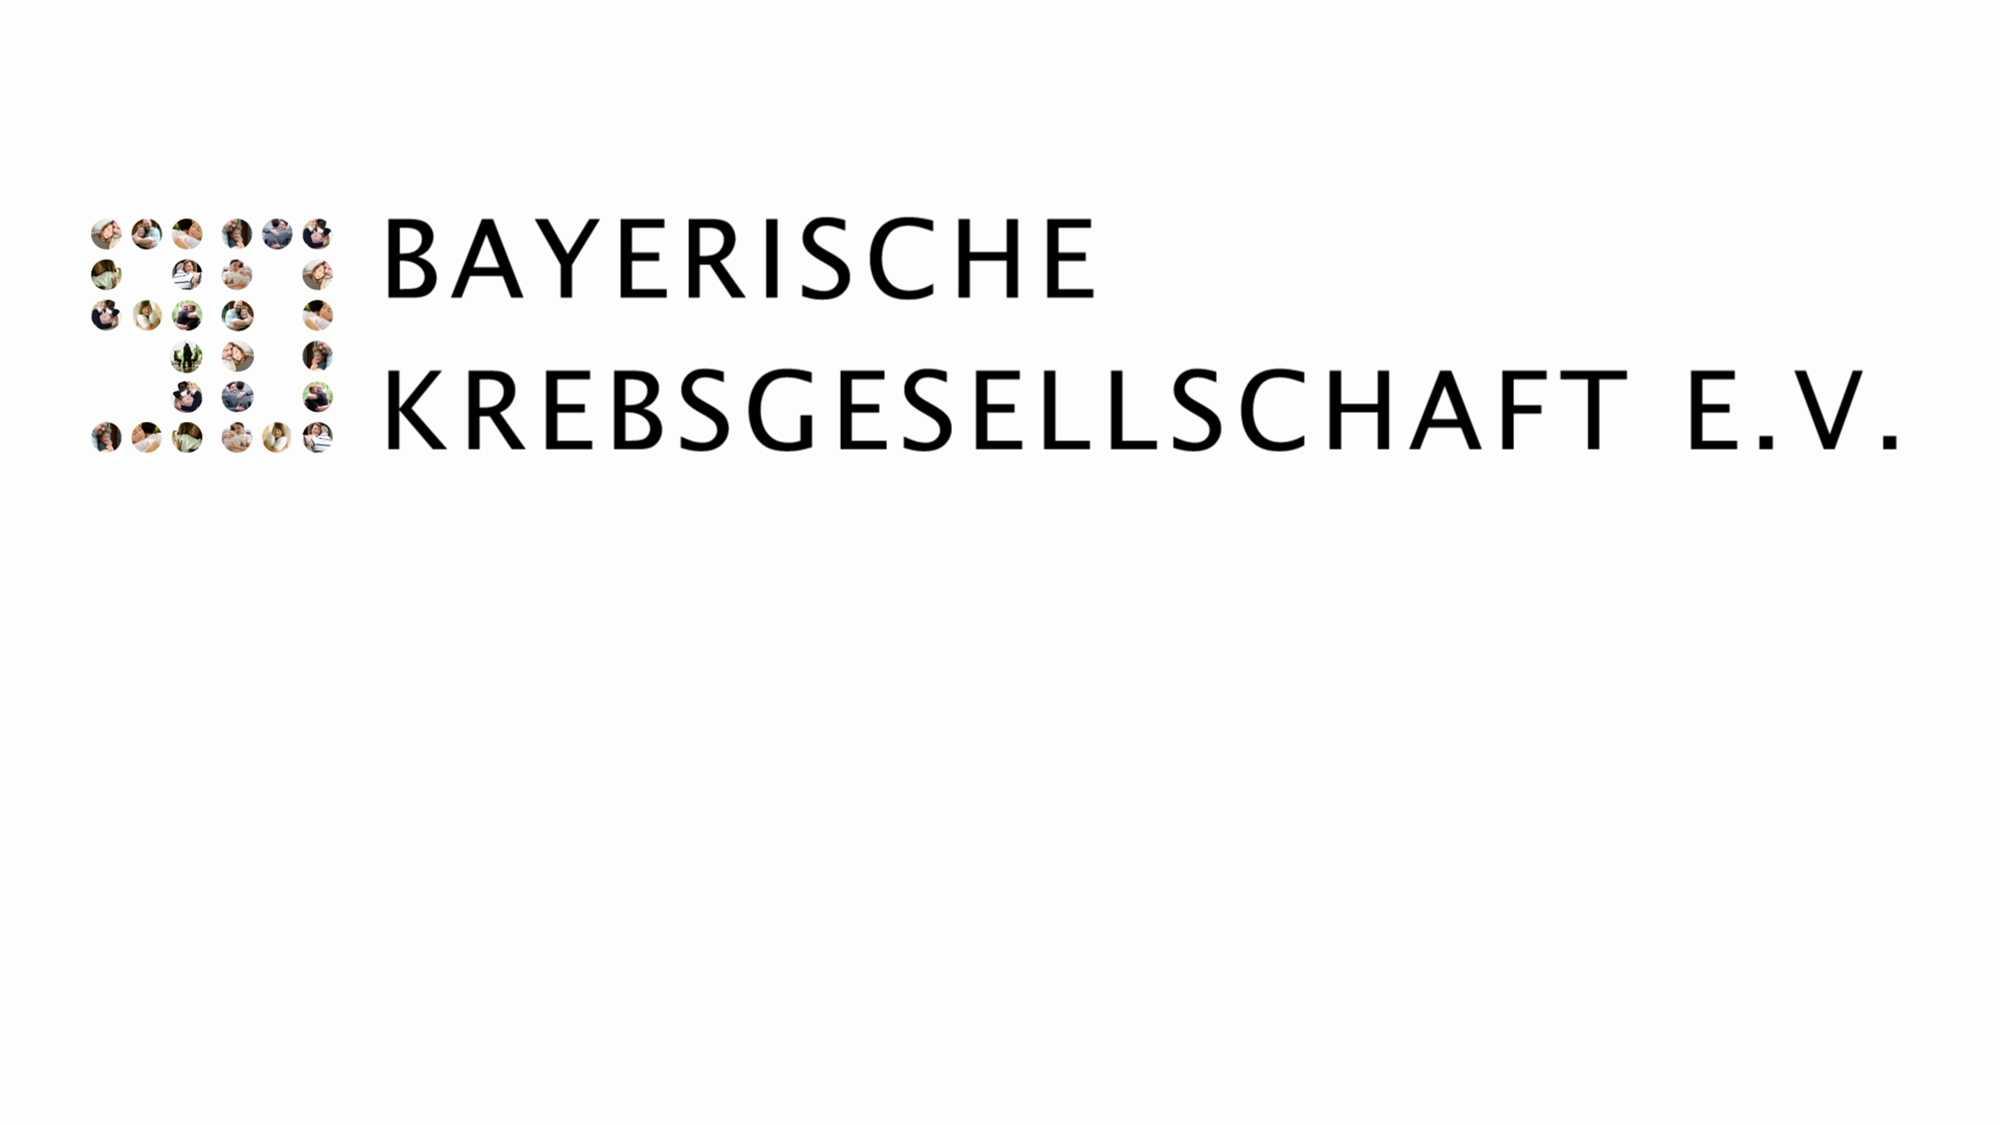 Bayerische Krebsgesellschaft Jubiläum